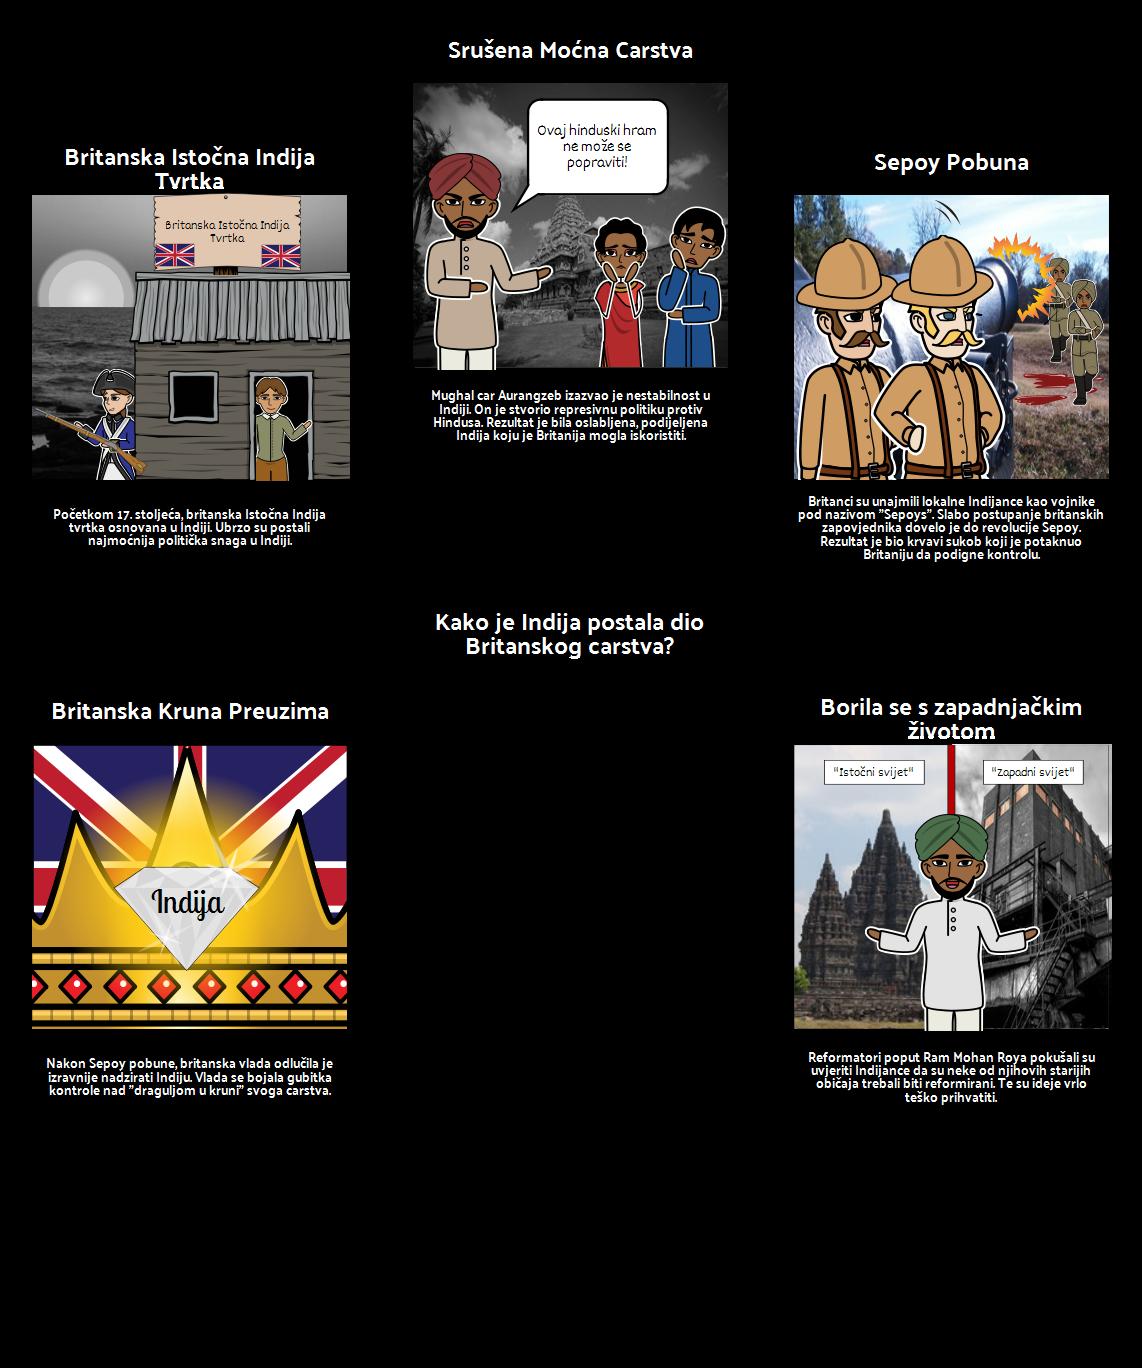 Povijest Imperijalizma - Uključivanje Indije u Britansko Carstvo